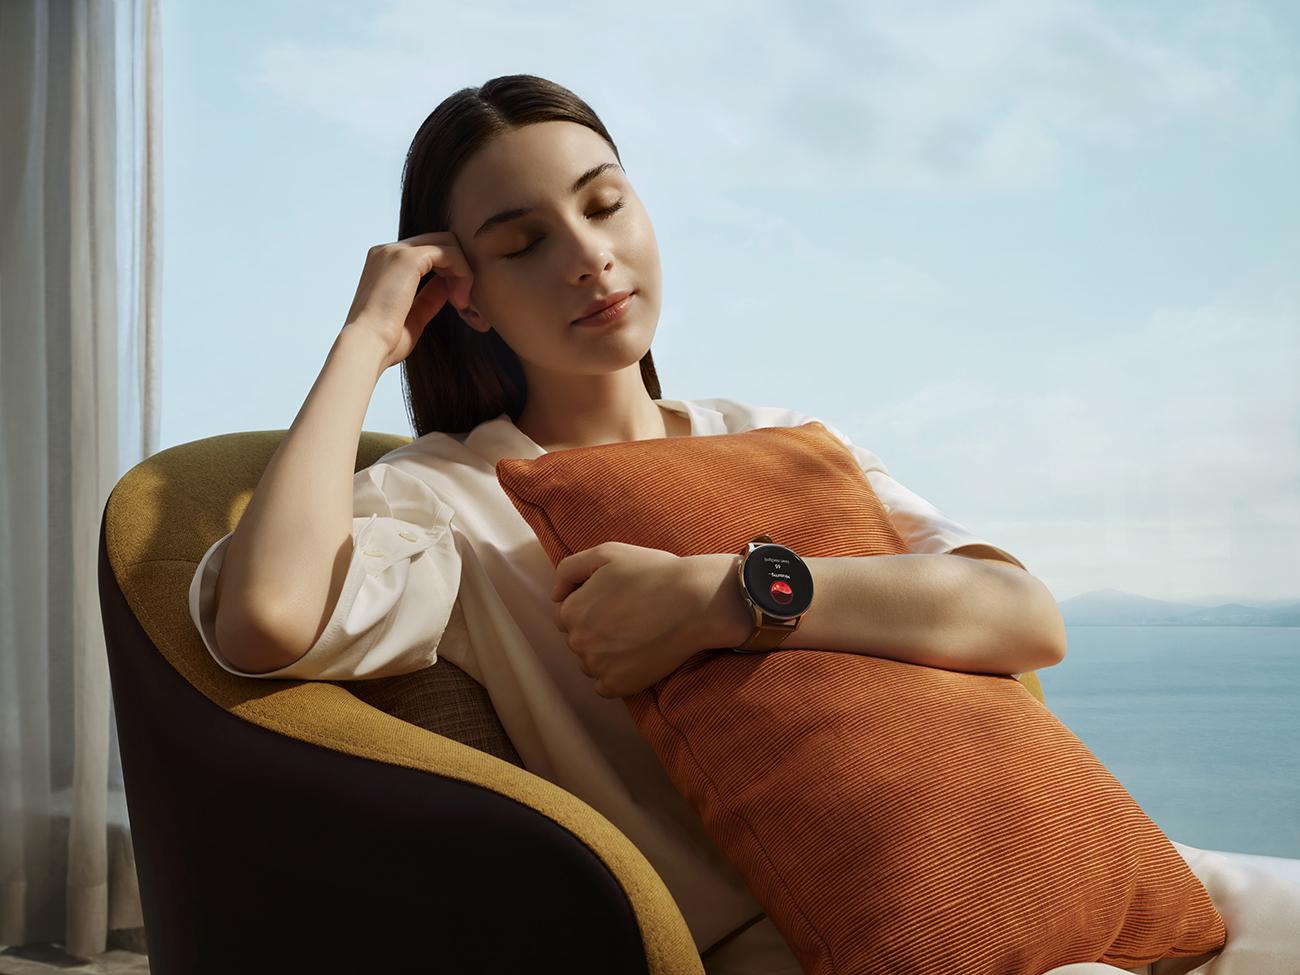 Huawei Watch 3 Series: Ξαναβρές τη φόρμα σου, προστάτευσε την υγεία σου, μάθε καλύτερα το σώμα σου